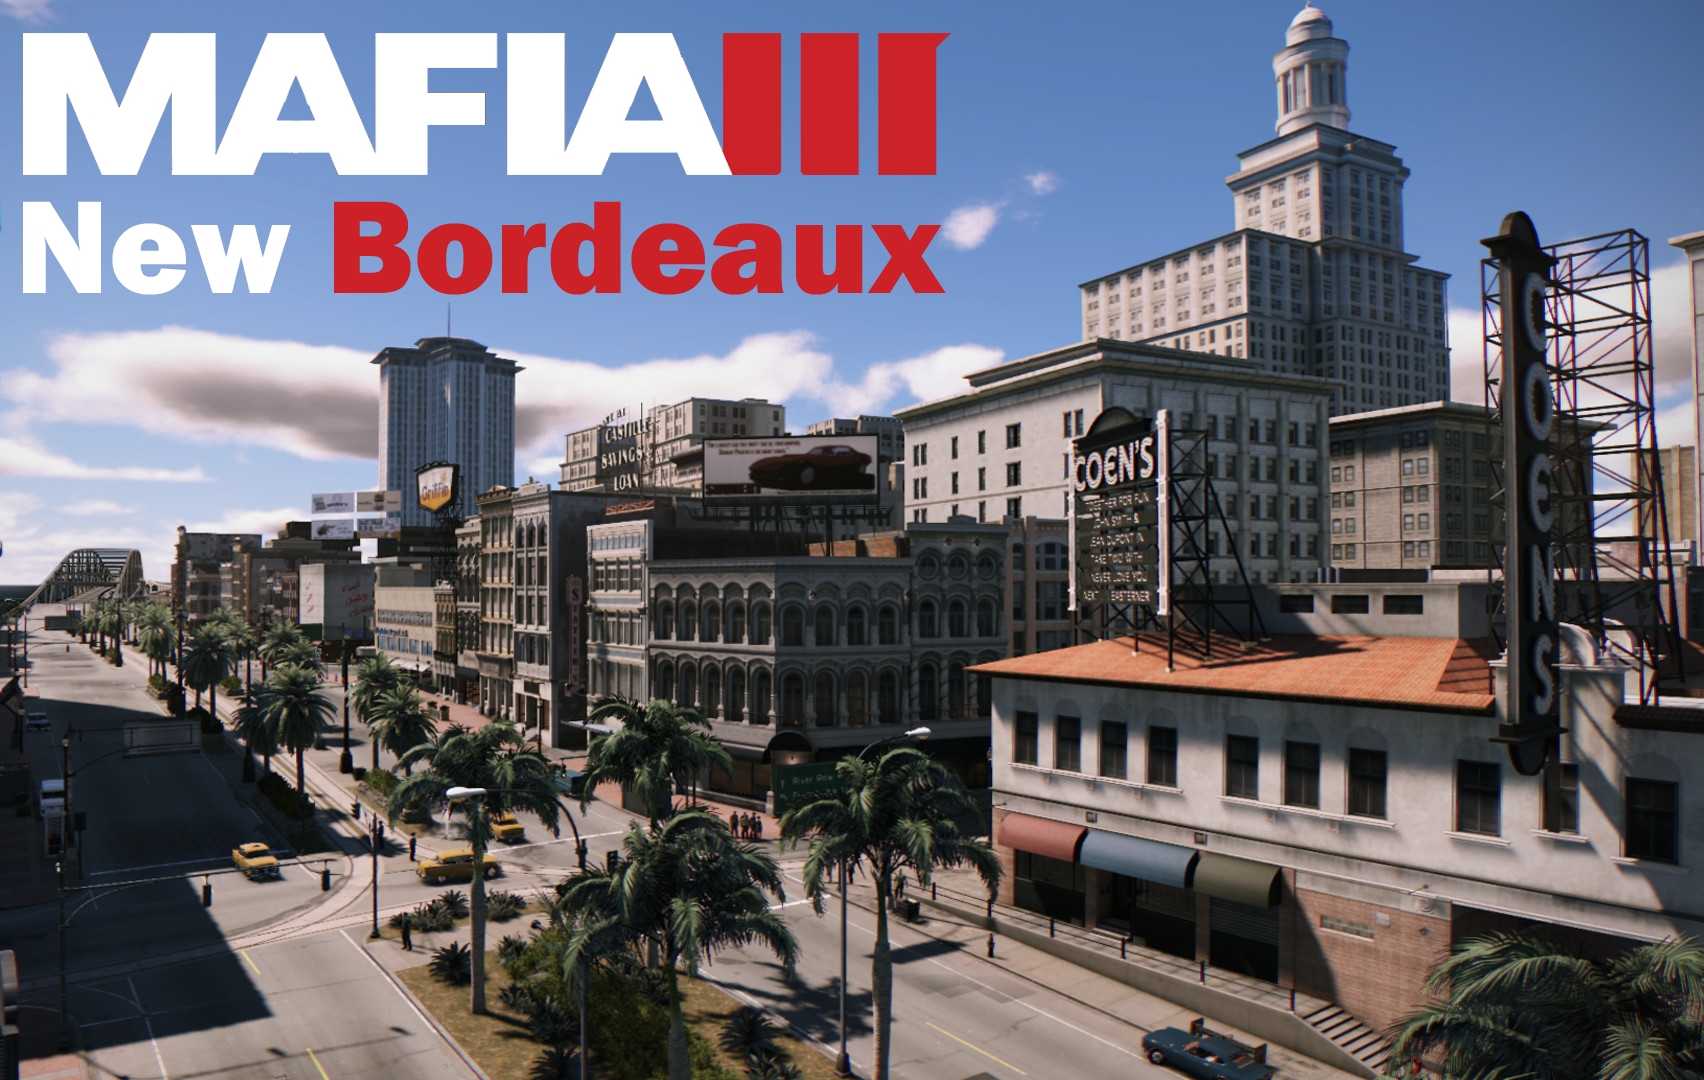 locations in mafia iii mafia wiki fandom powered by wikia